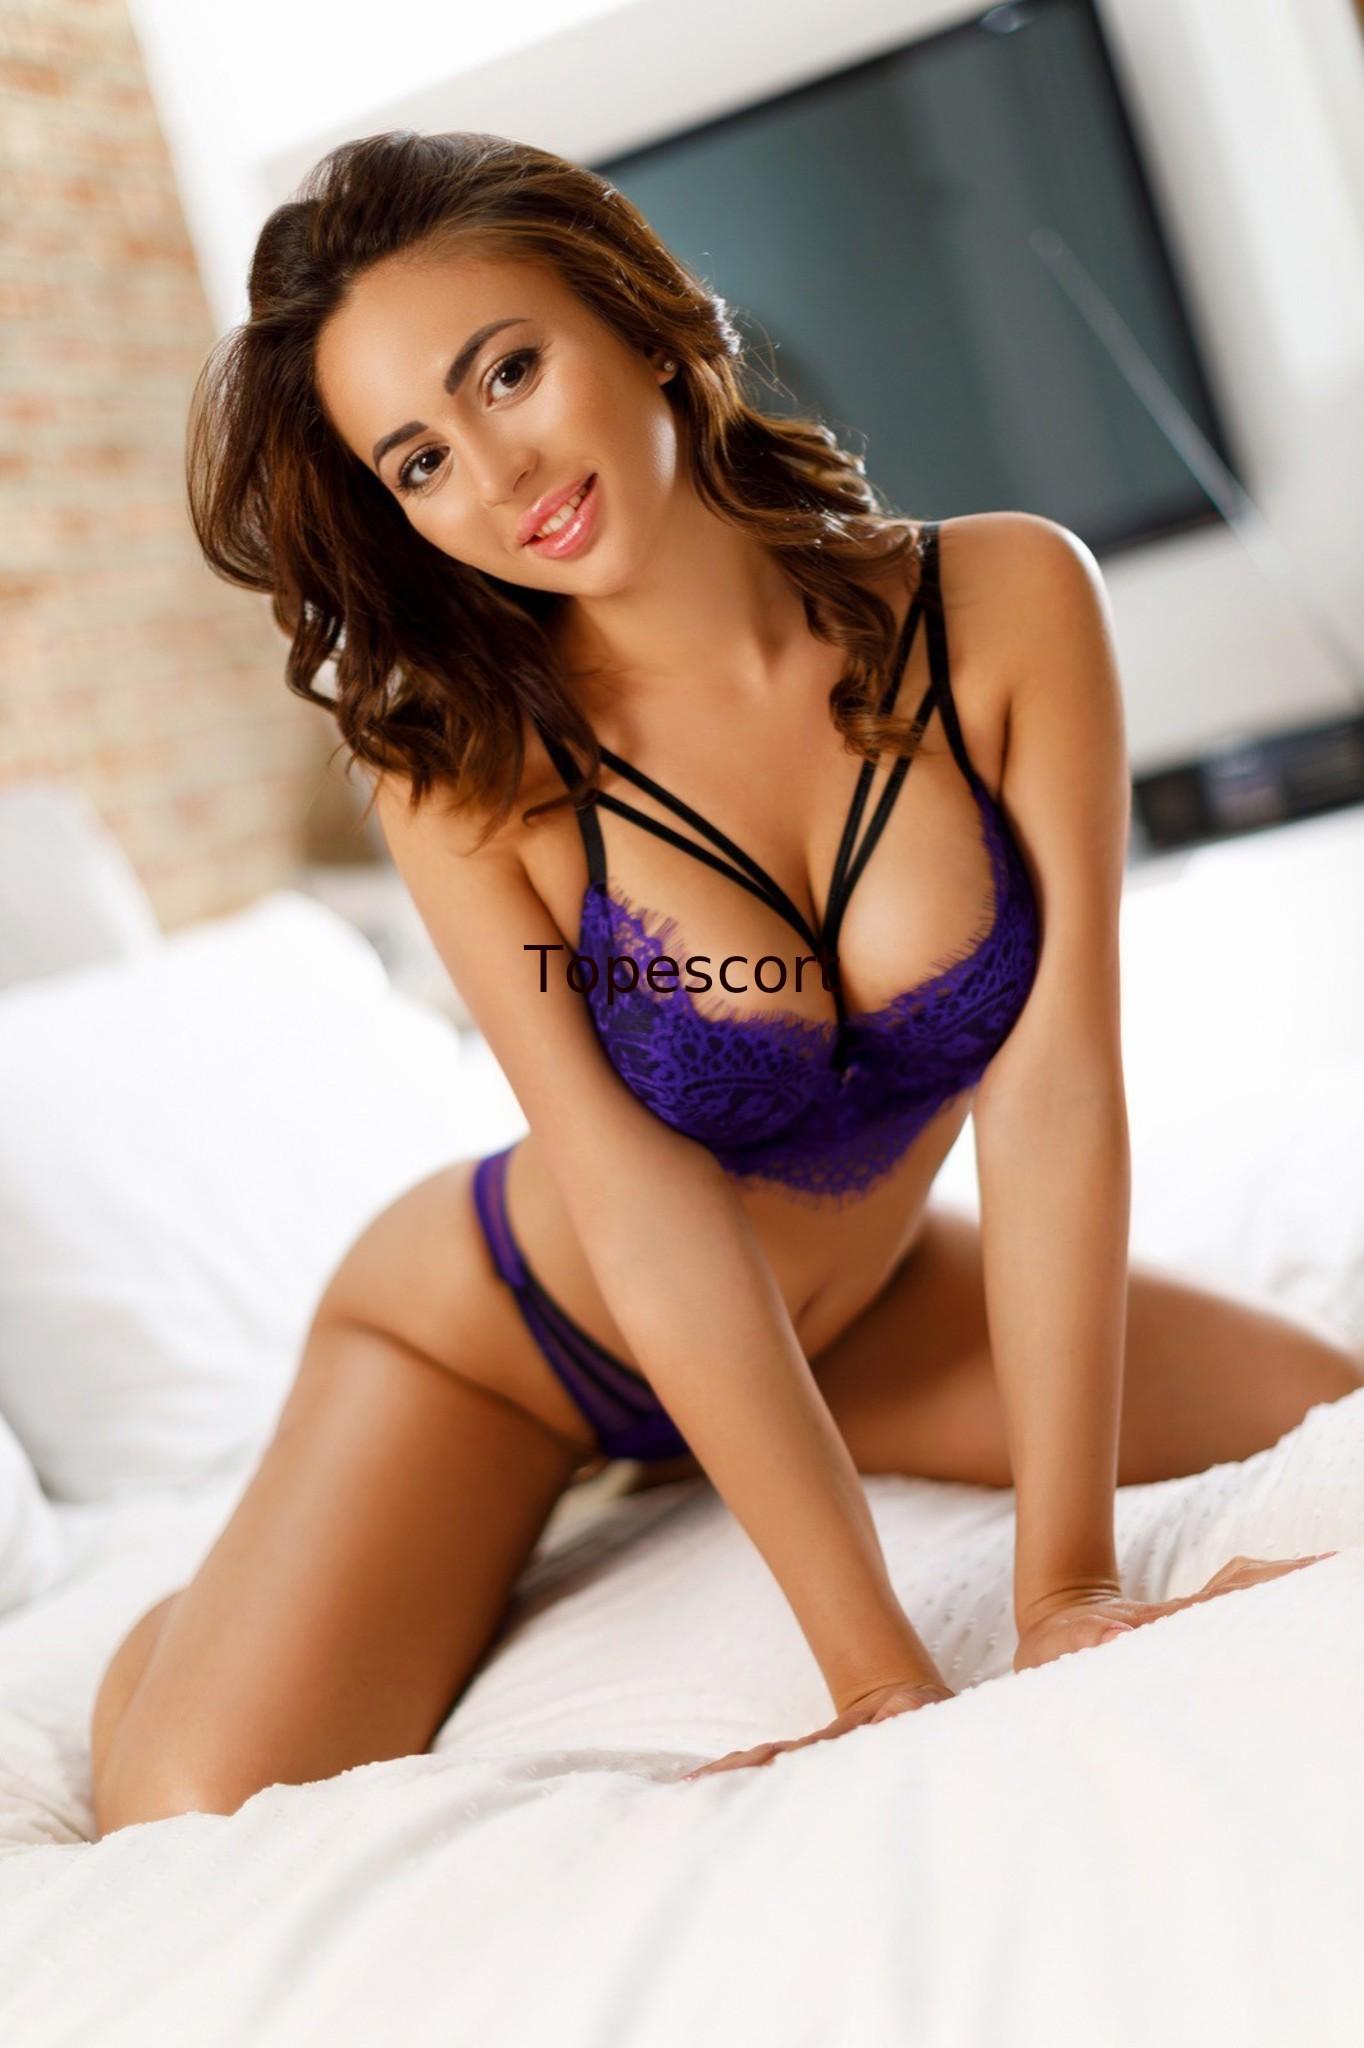 Celebrity Prostitute Samantha X Says Brangelina Split Was Always Going To Happen